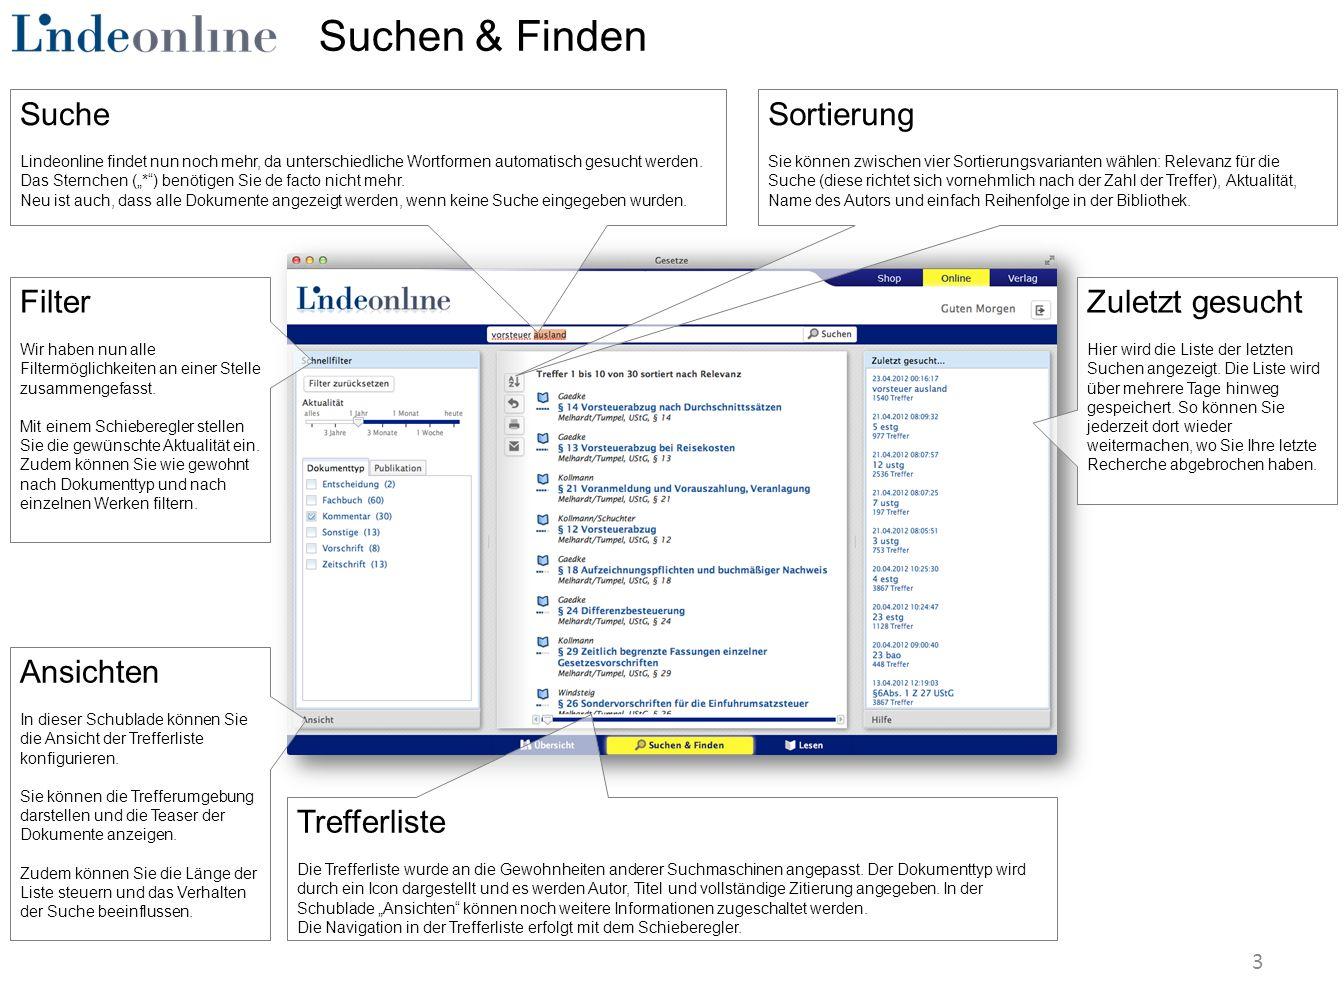 Suchen & Finden Filter Wir haben nun alle Filtermöglichkeiten an einer Stelle zusammengefasst.